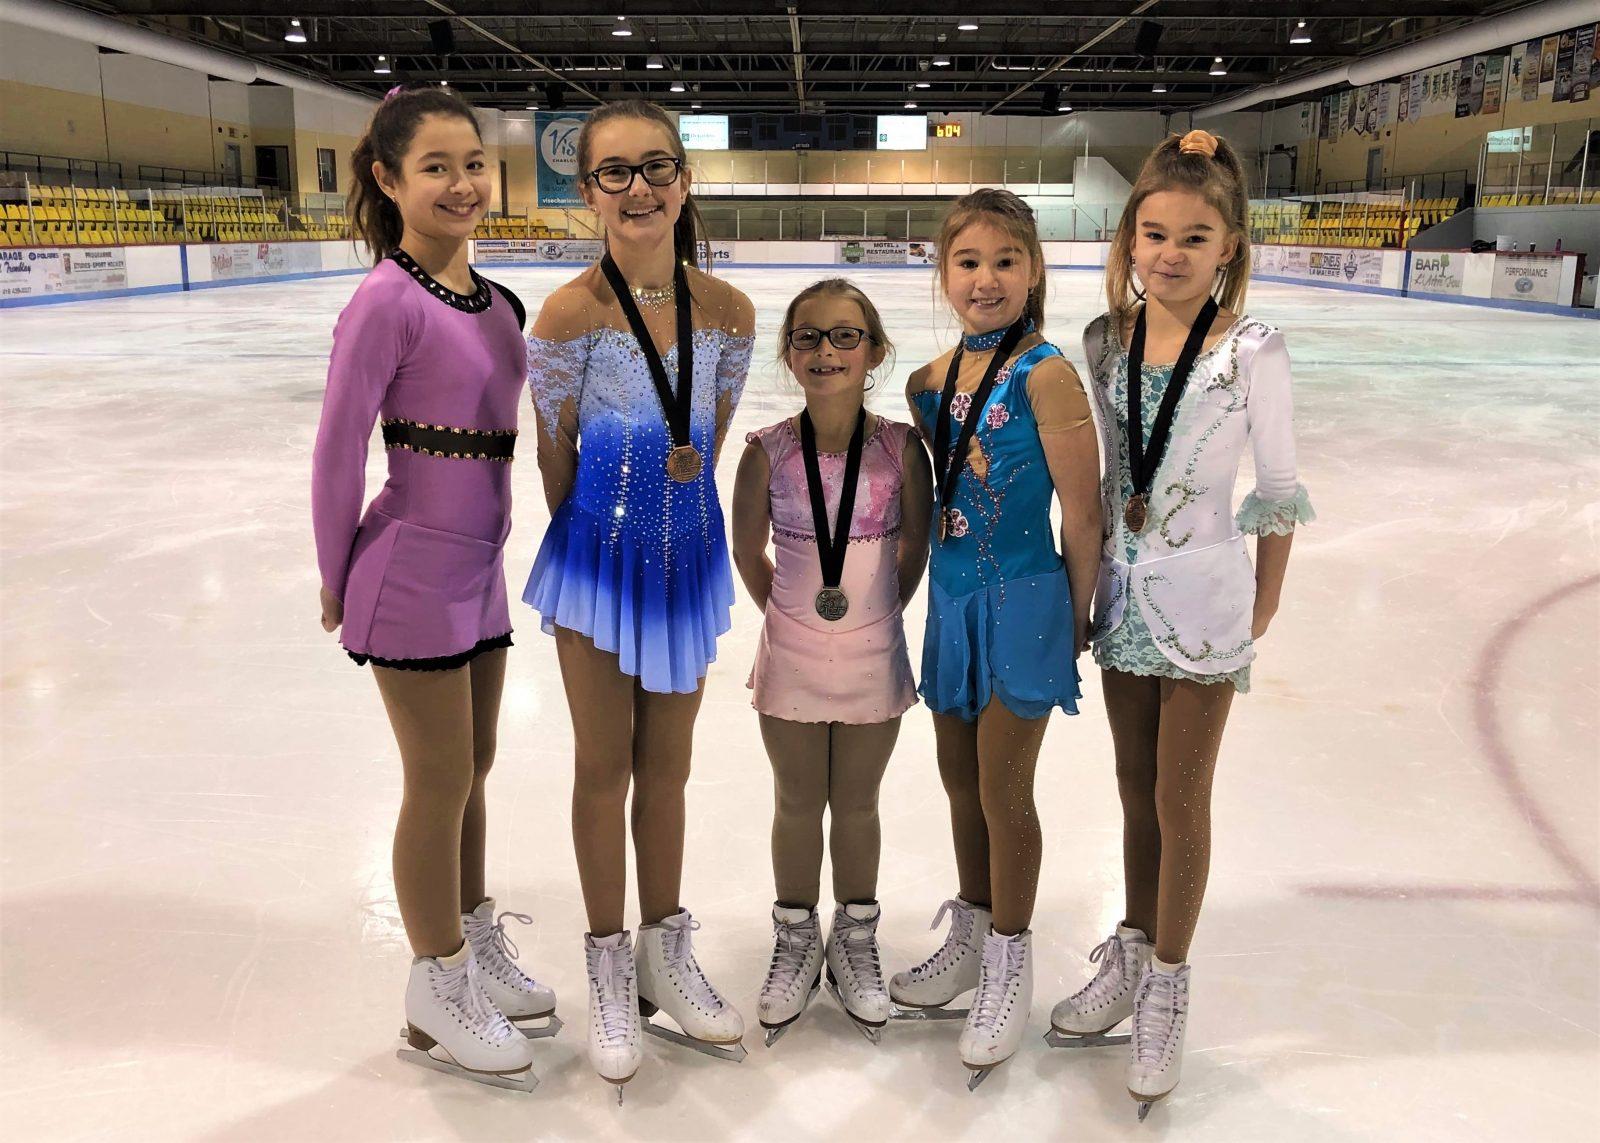 Quatre médailles pour Les Carrousels aux finales régionales de patinage STAR /Michel-Proulx2020